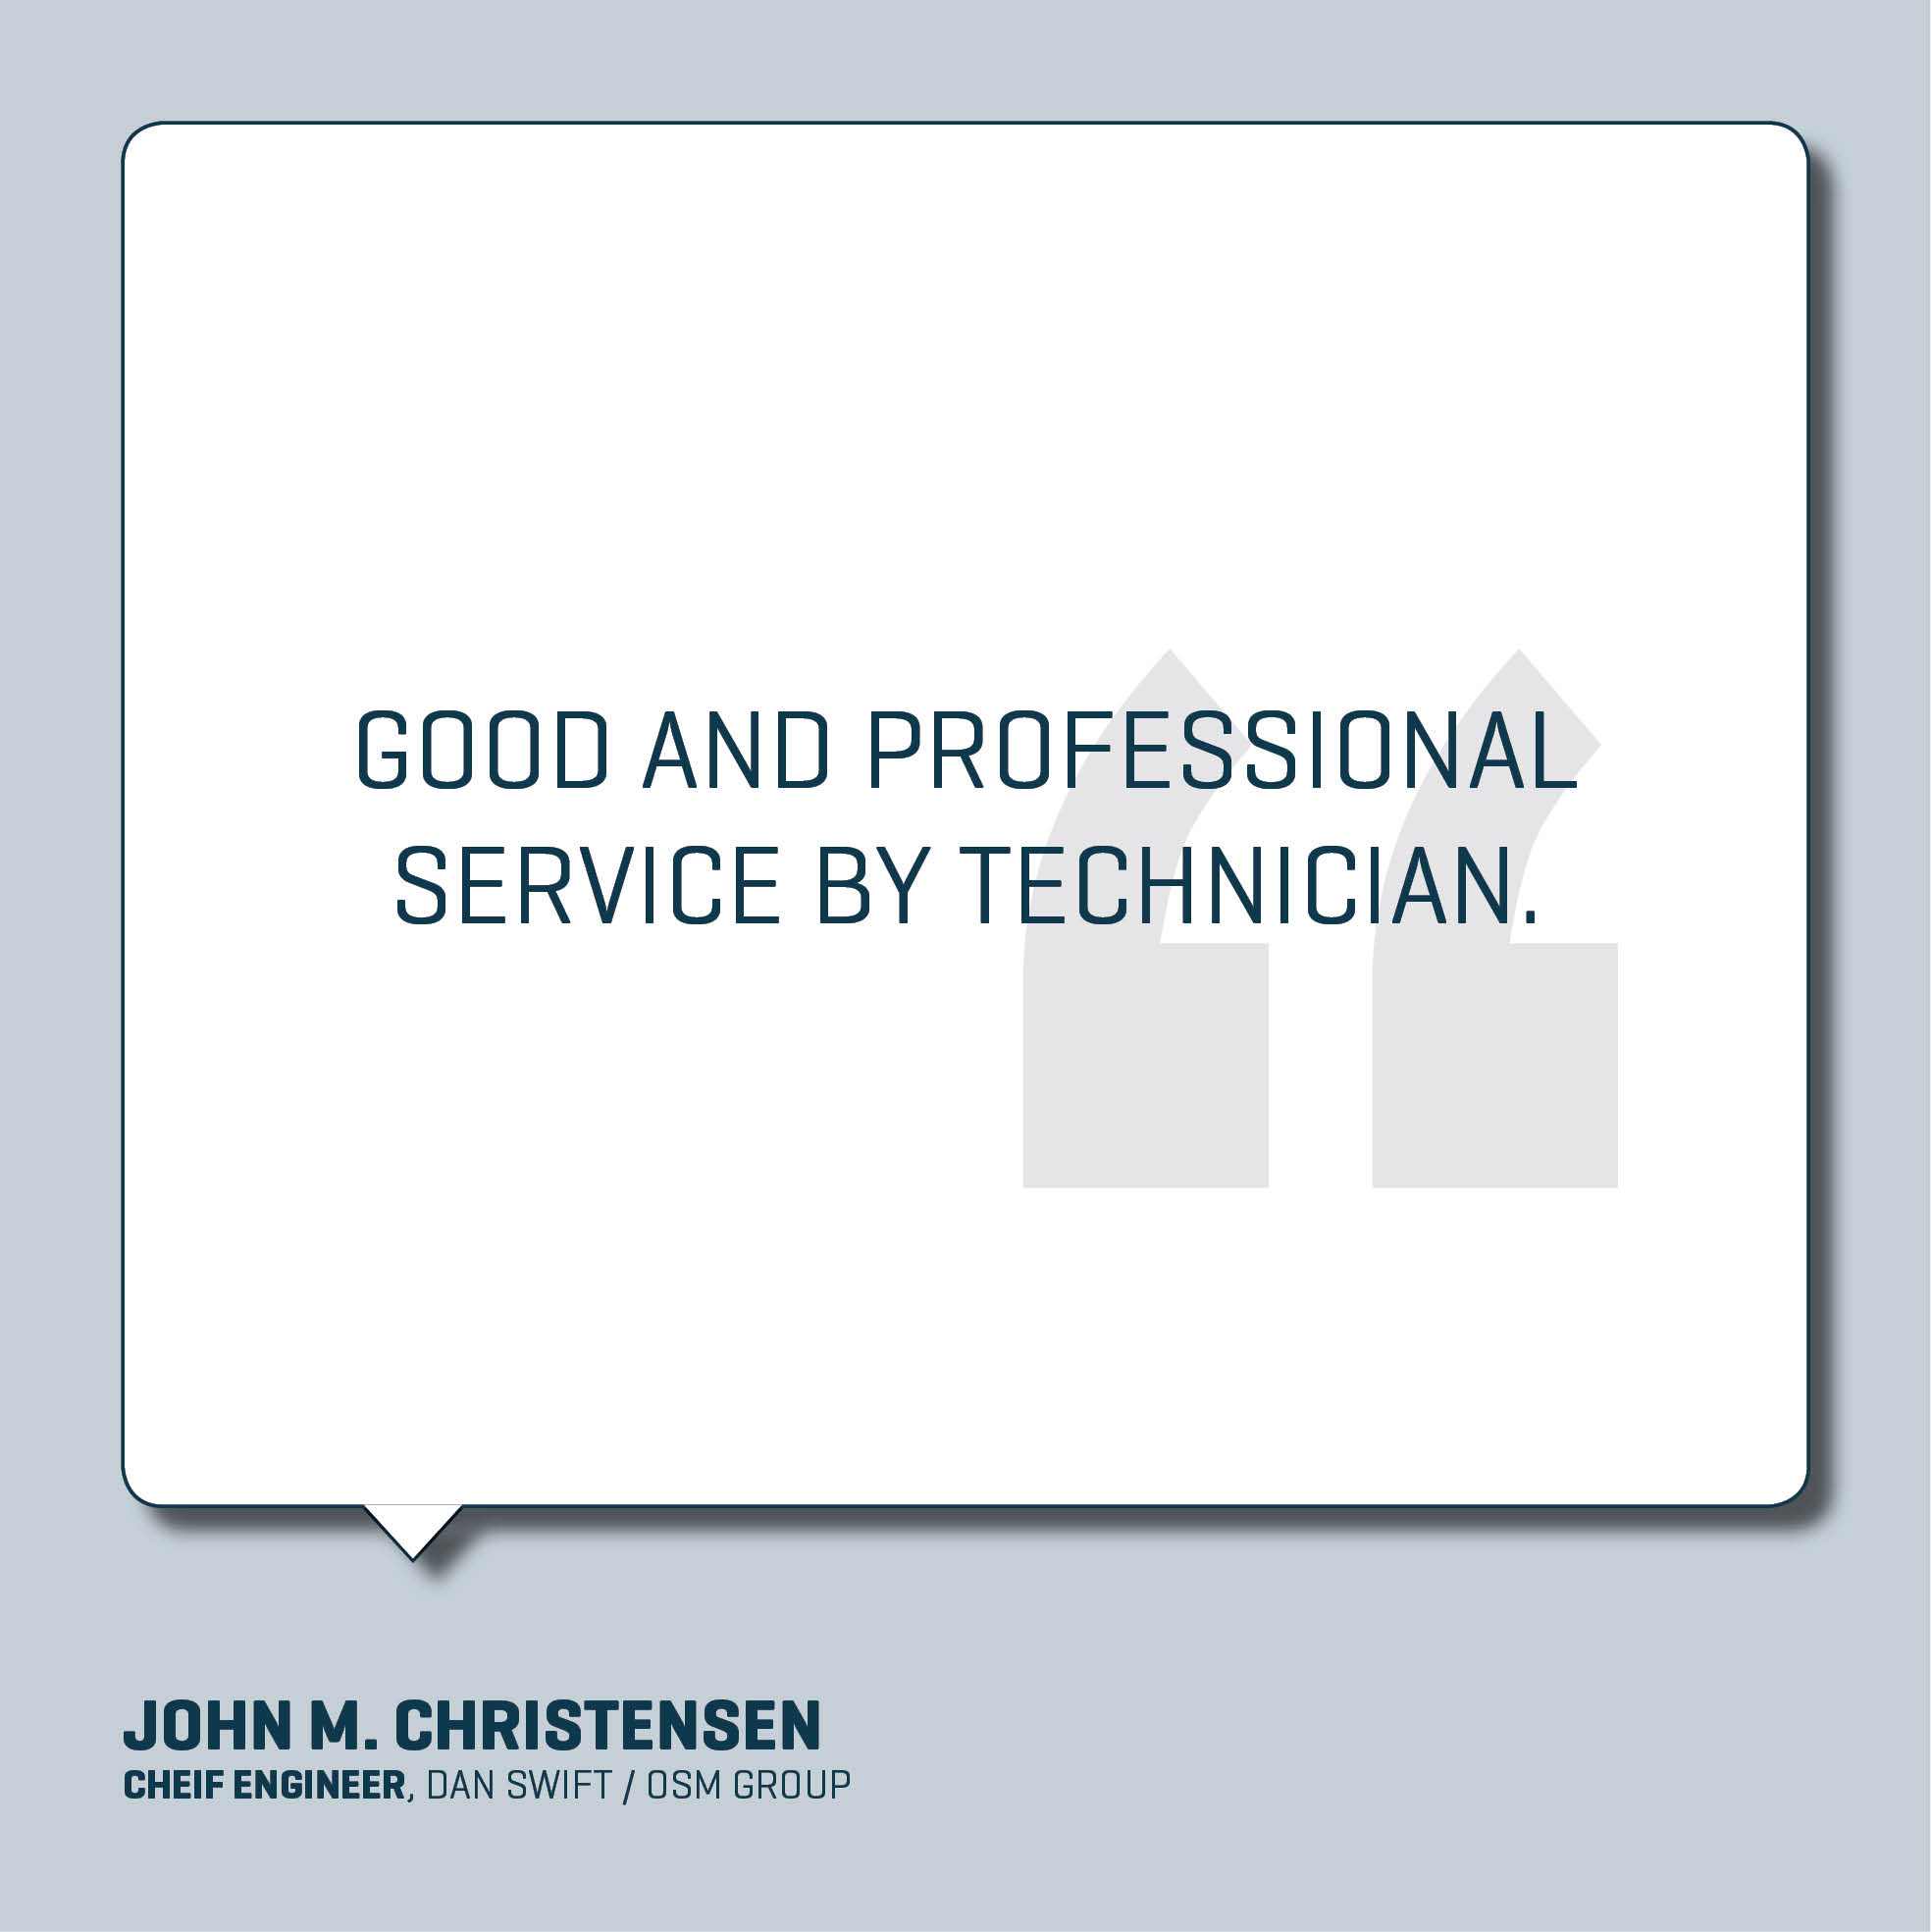 john m. christensen nordhavn a/s